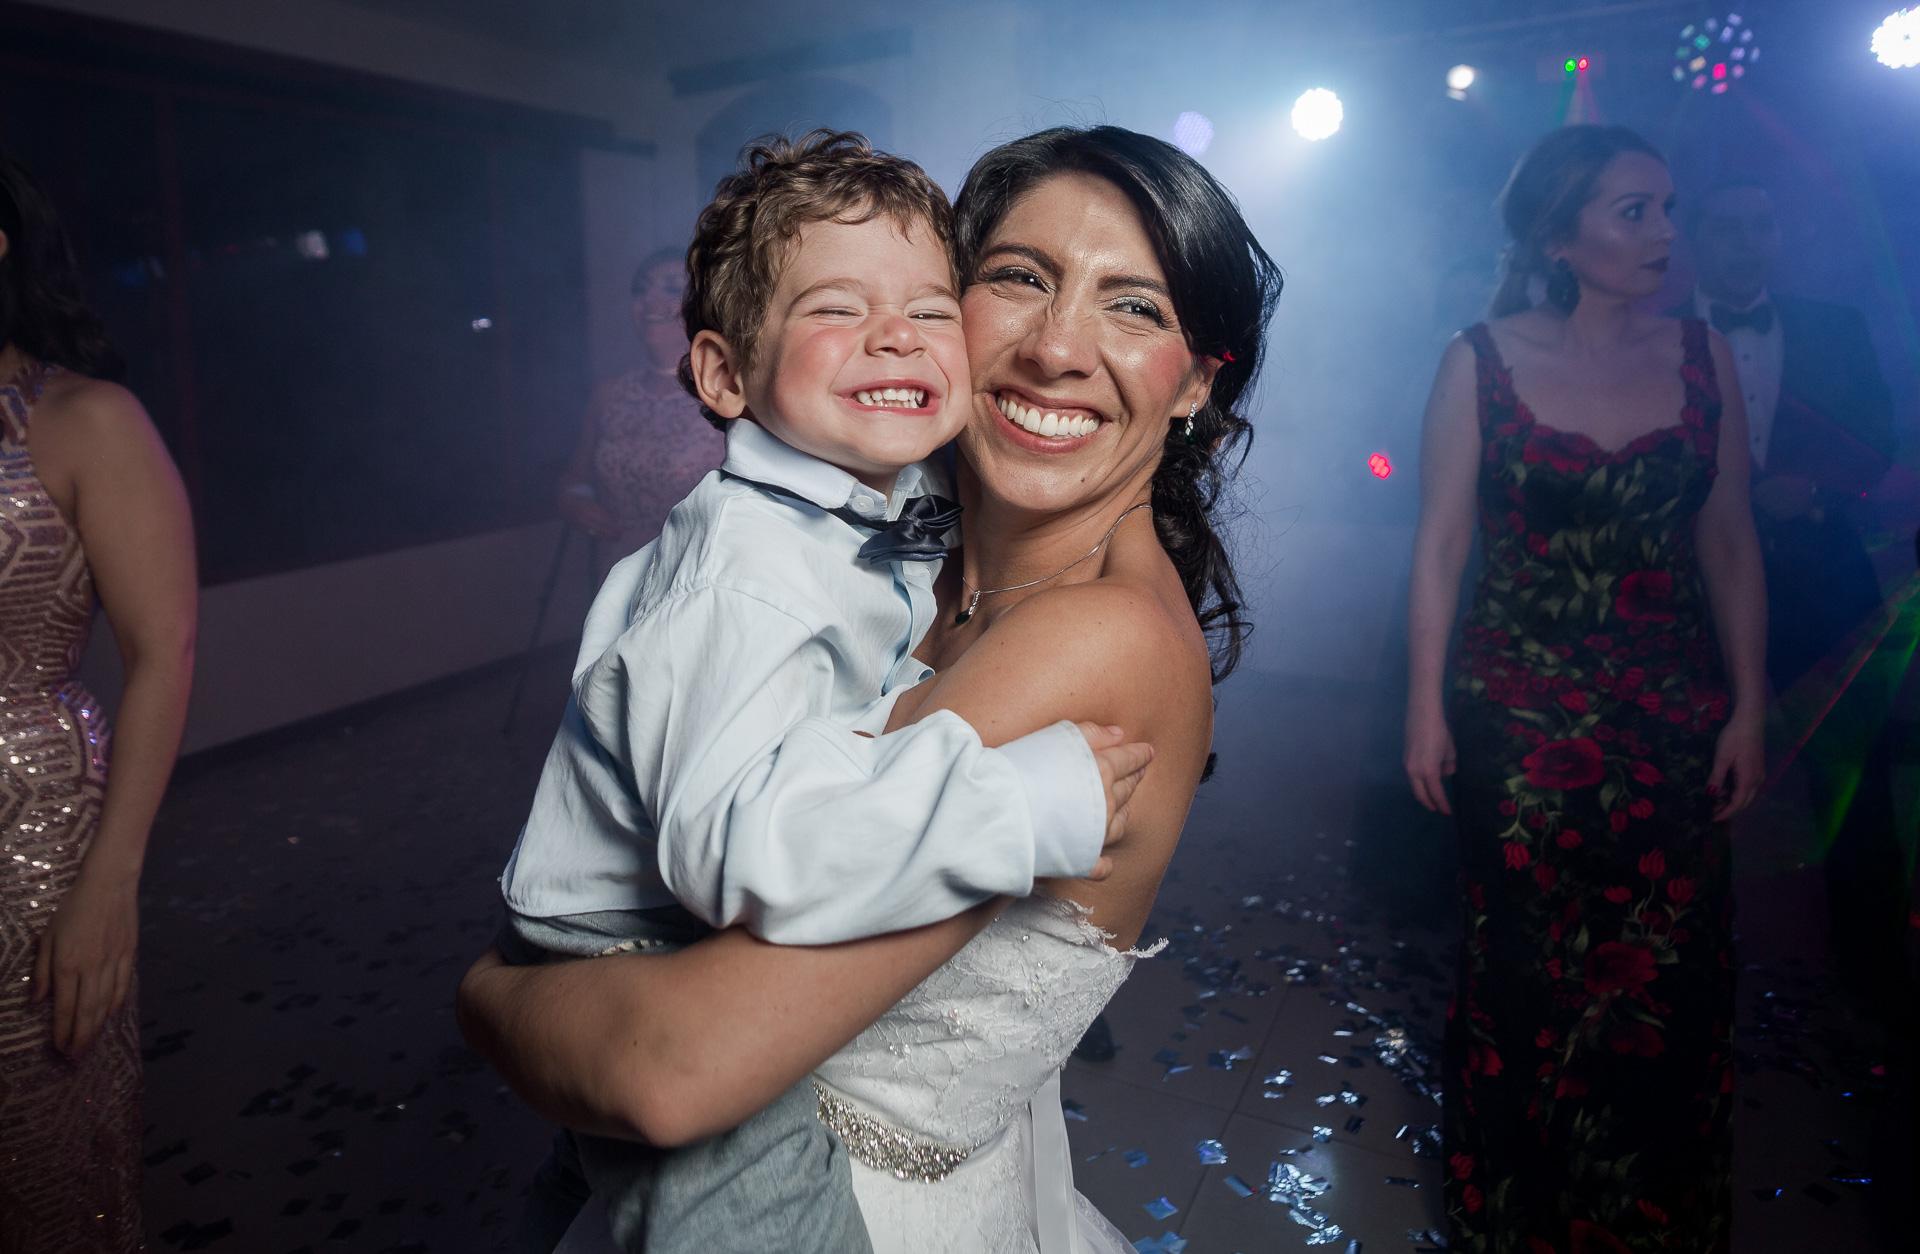 Fotógrafos-de-bodas-en-Colombia-Angela-y-Antonio-57 ANGELA Y ANTONIO